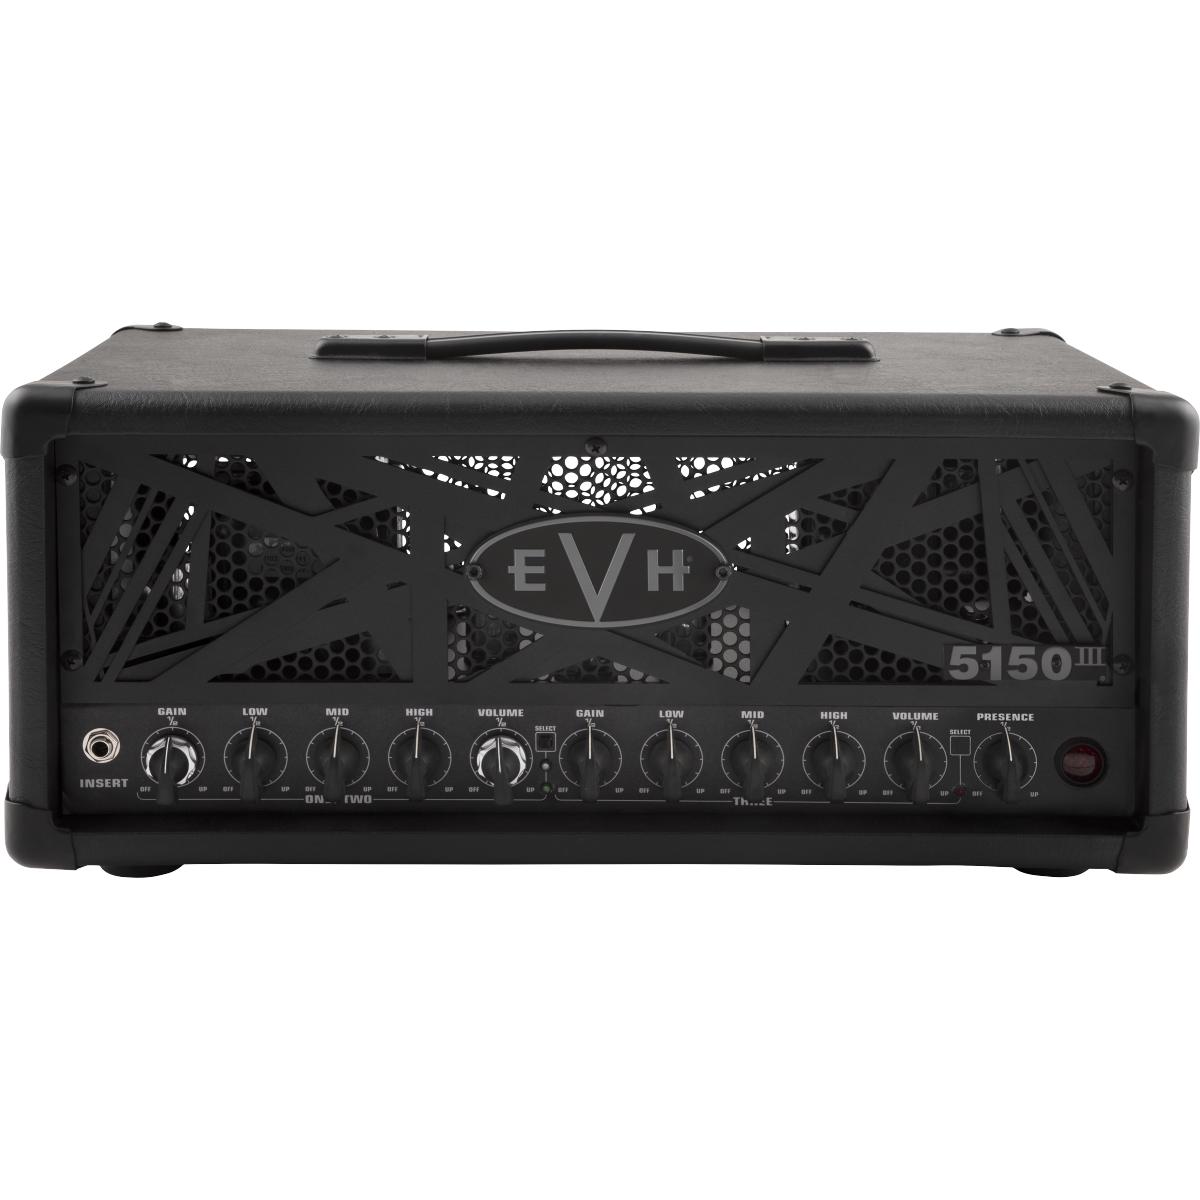 EVH 5150 III 50S Stealth 6L6 Tube Head